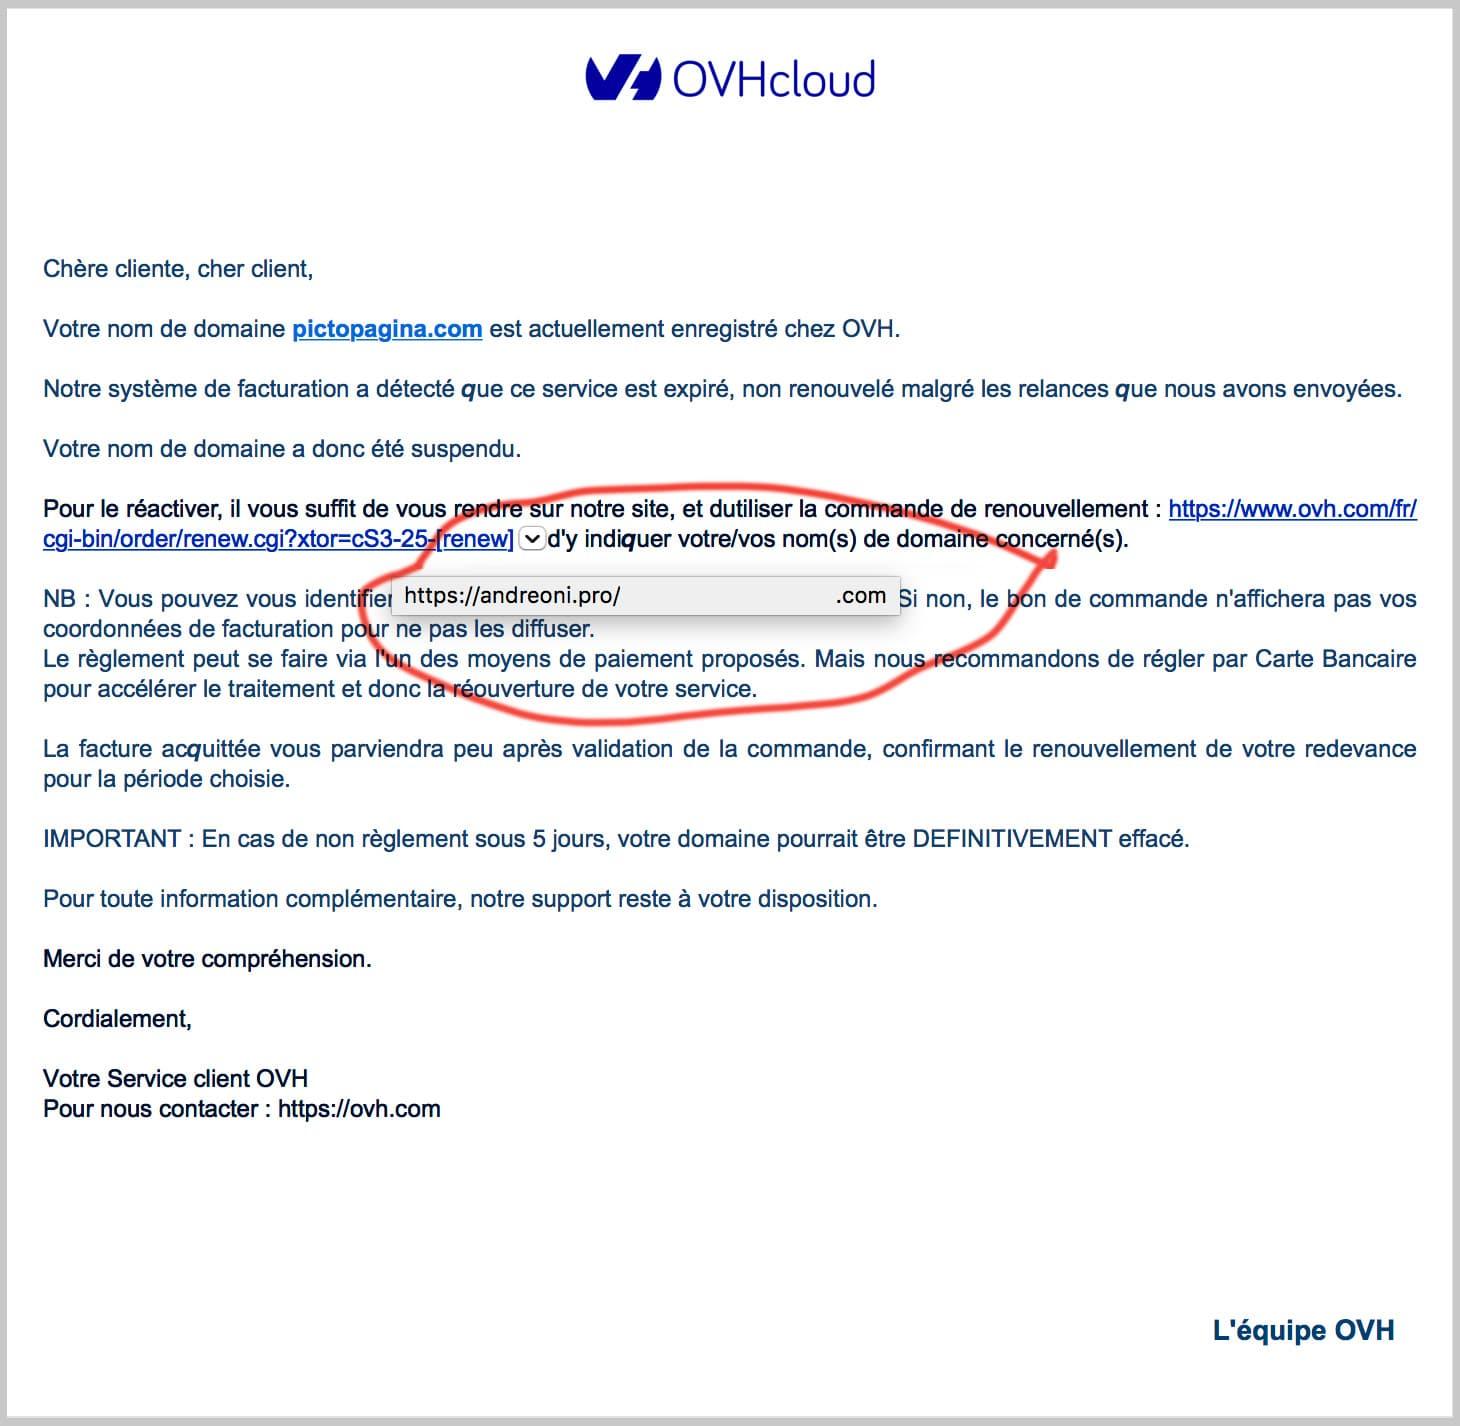 phishing-04-mail-recu-1er